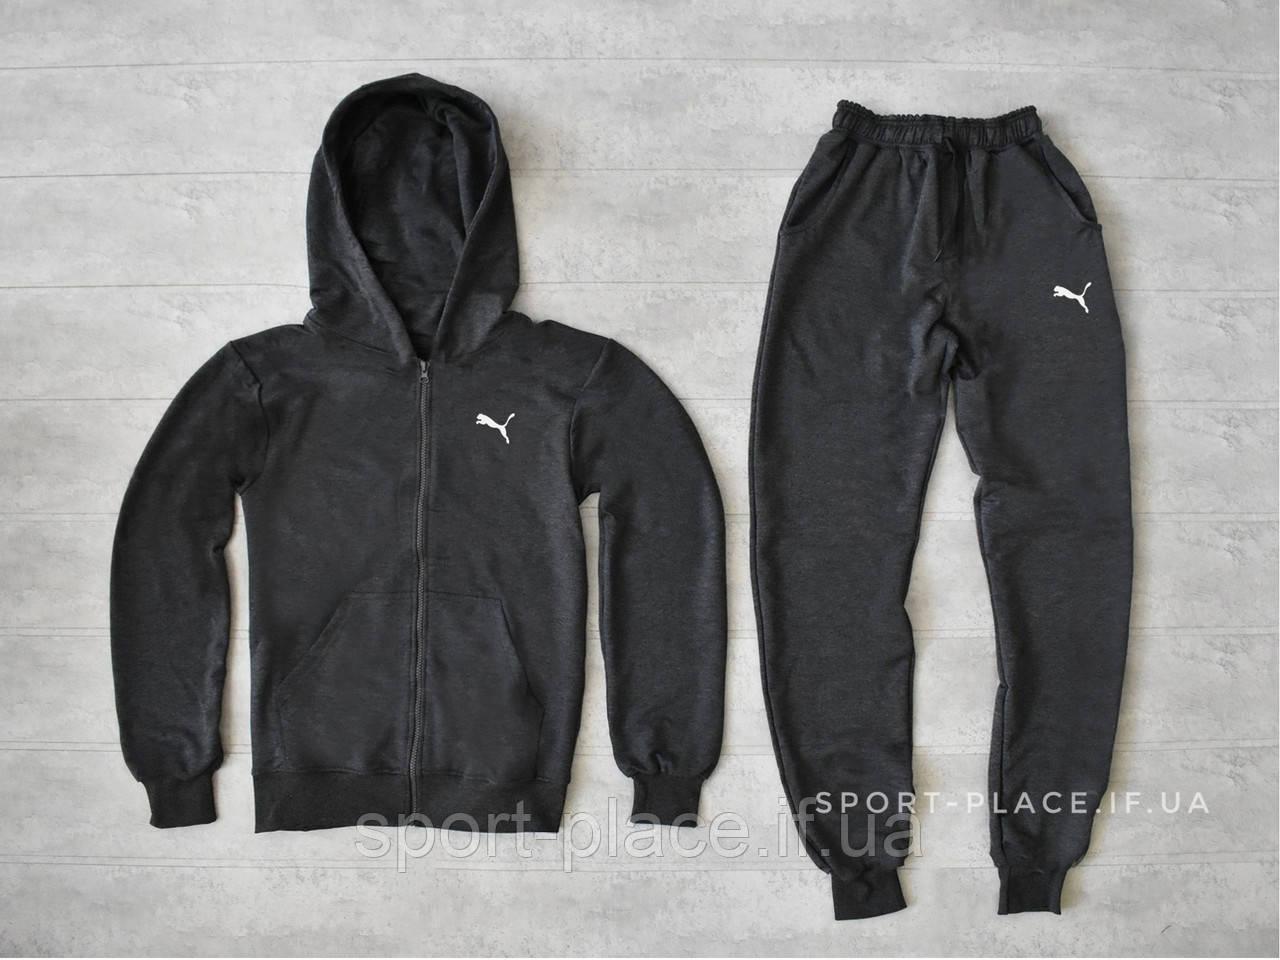 Чоловічий спортивний костюм Puma (Пума) темно сірий толстовка з замком біла емблема штани, олімпійка (кельми)